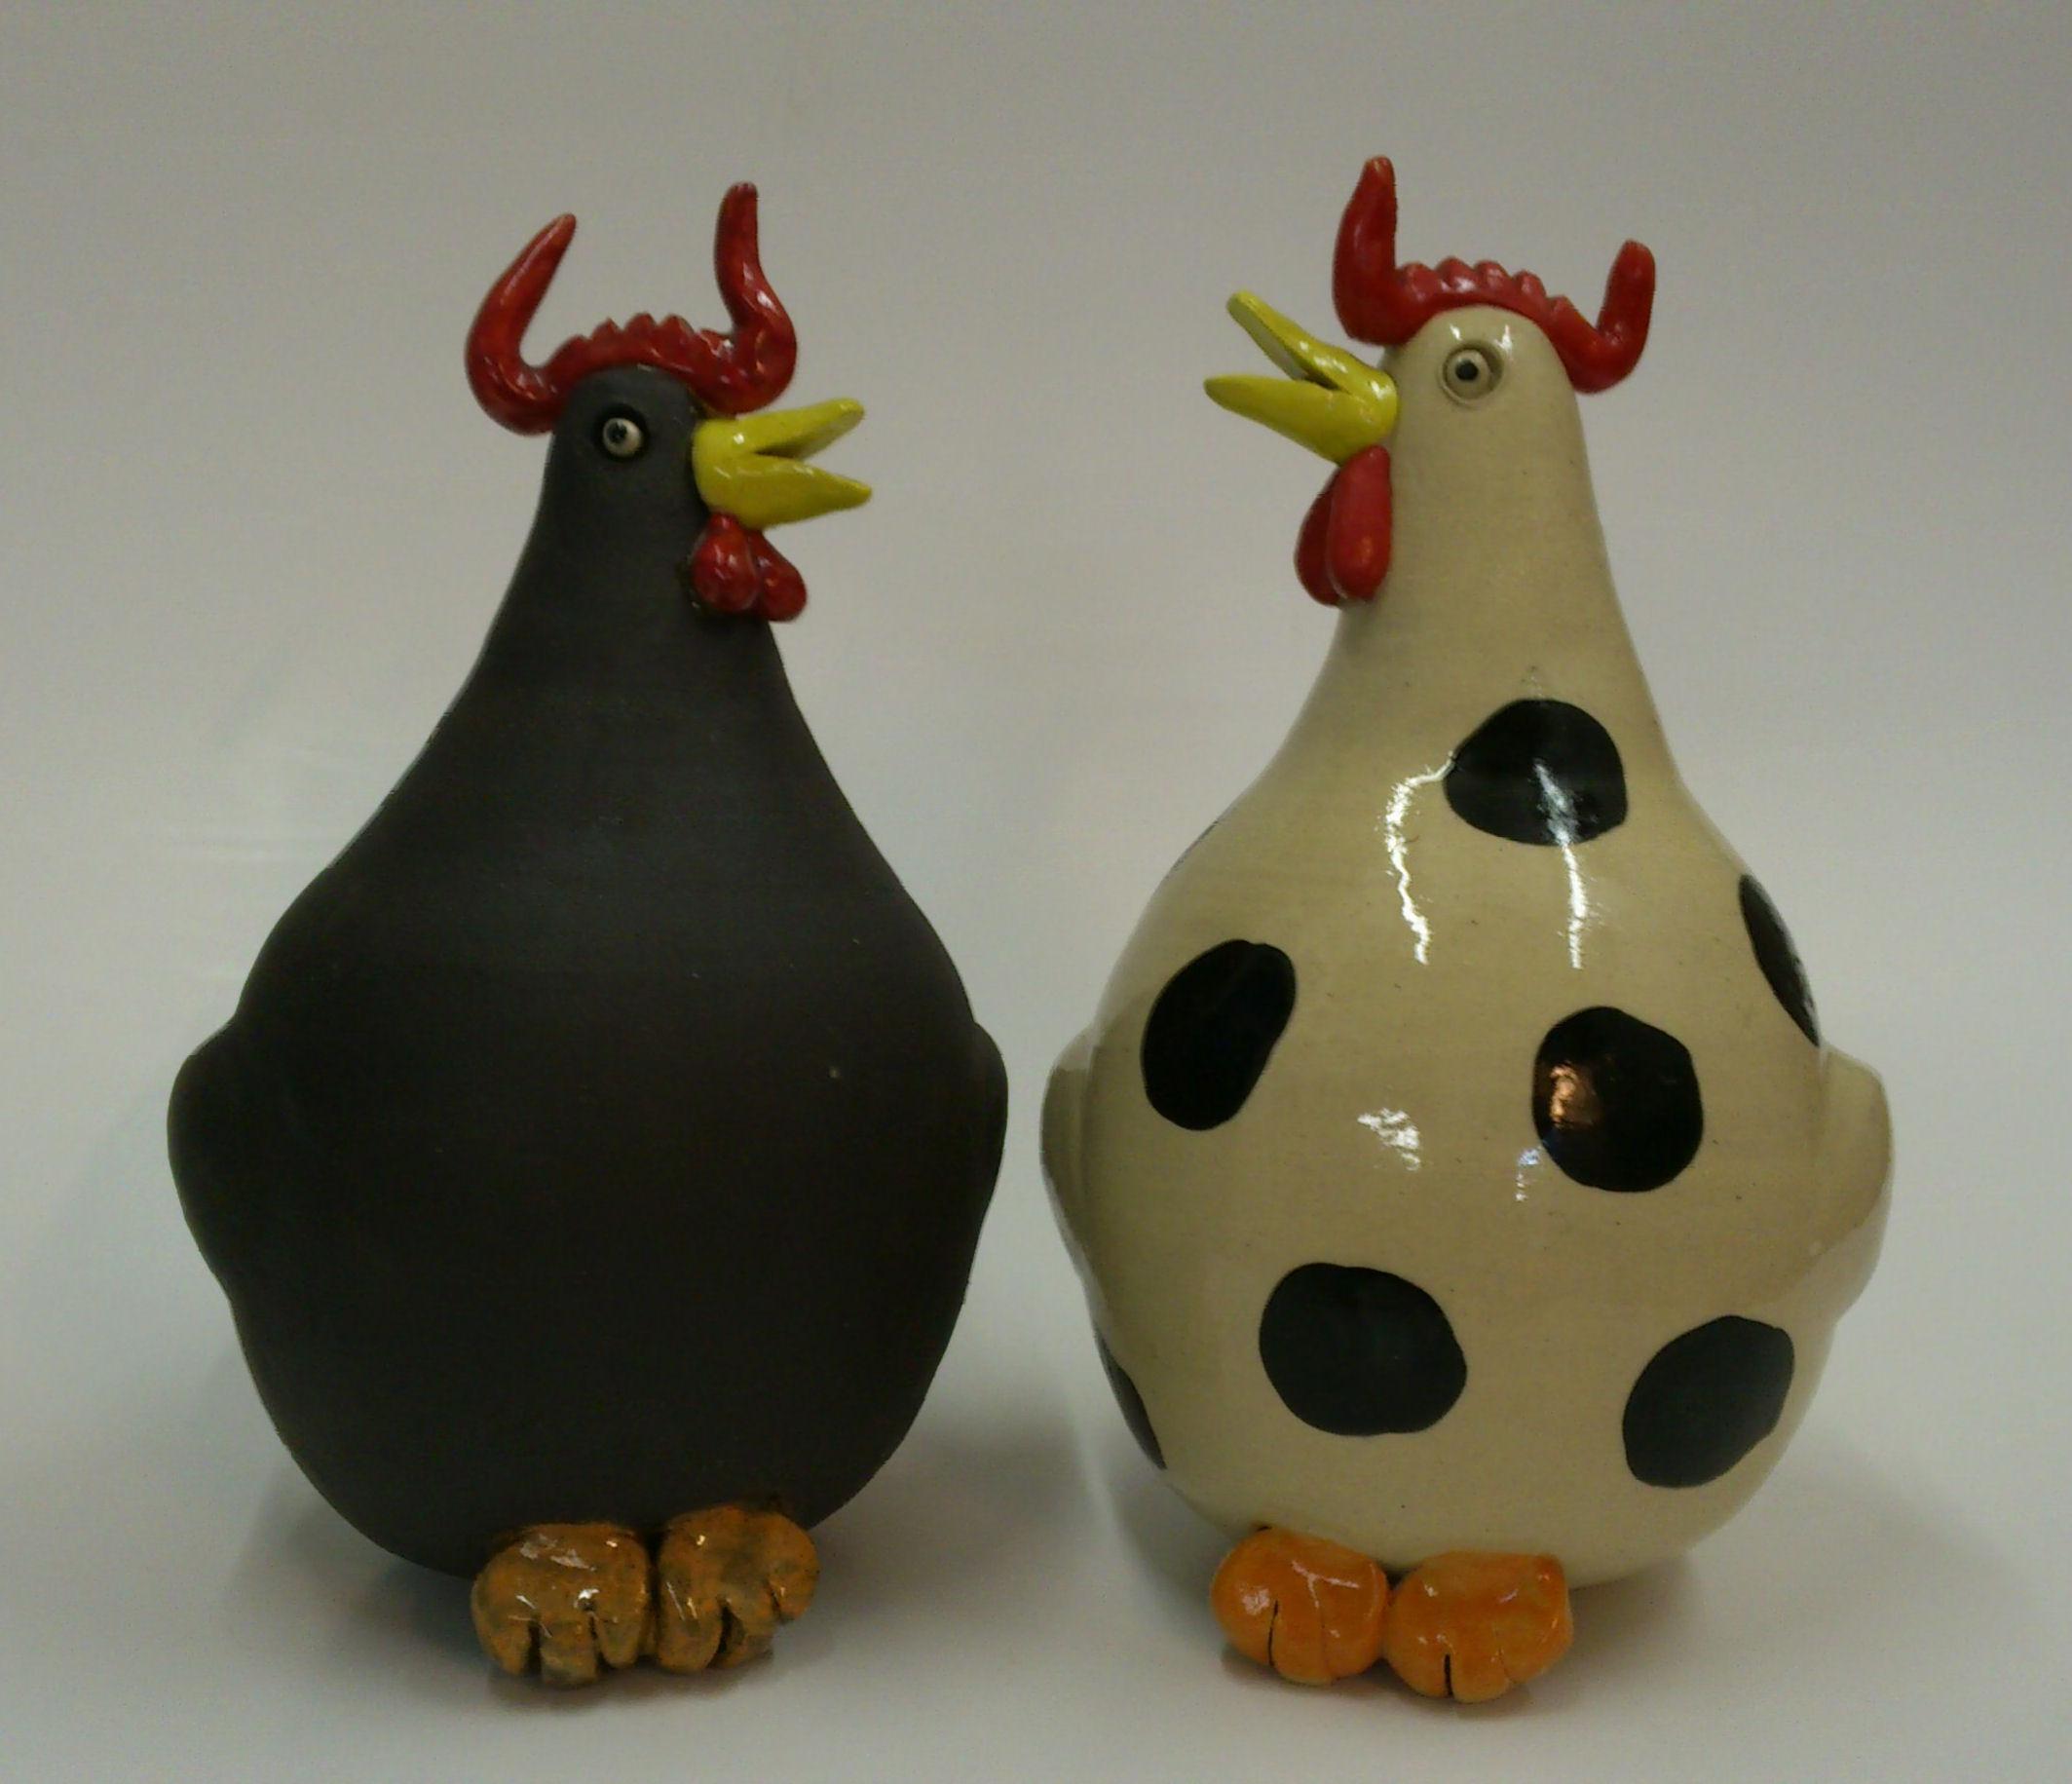 grethes keramik Forside grethes keramik